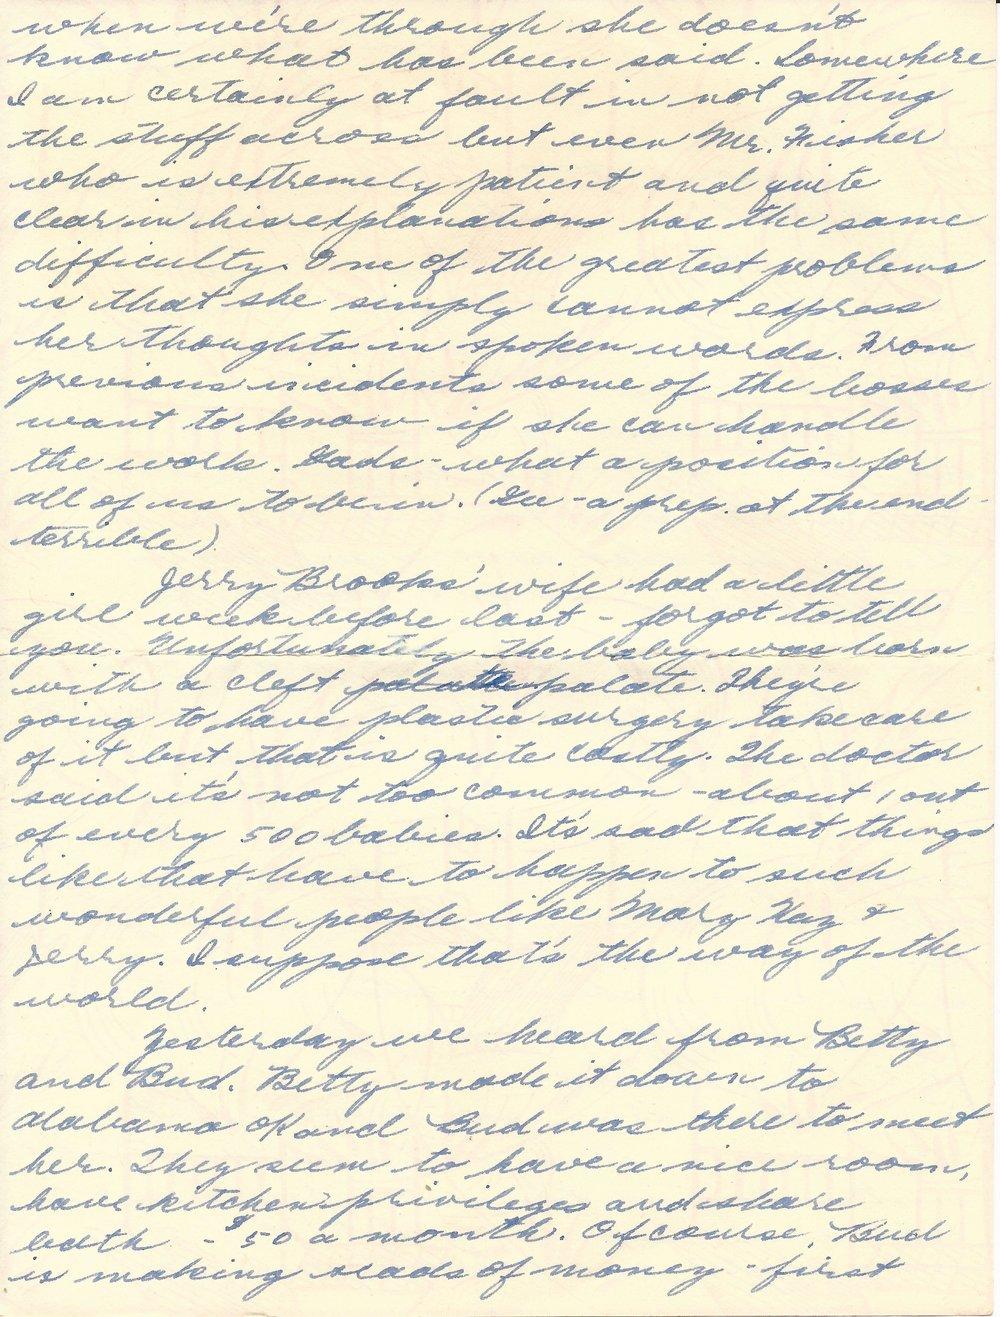 4. Feb. 3, 1953 (Oma)_Page_3.jpg